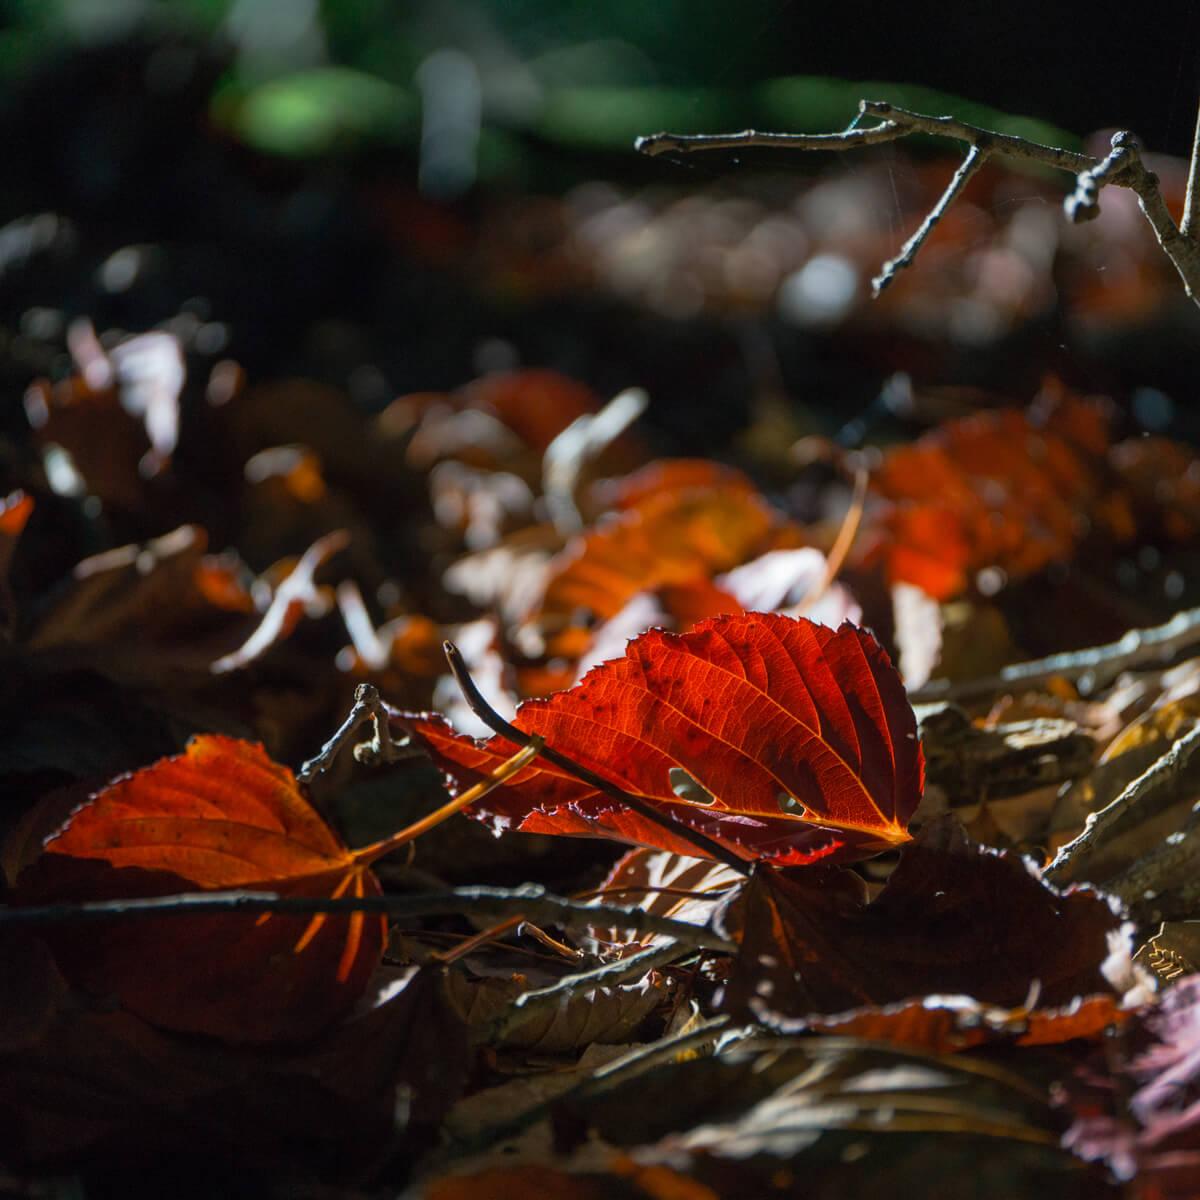 紅葉 落葉 屋久島 白谷雲水峡 屋久島森とジュエリー オーダーメイドジュエリーのインスピレーション